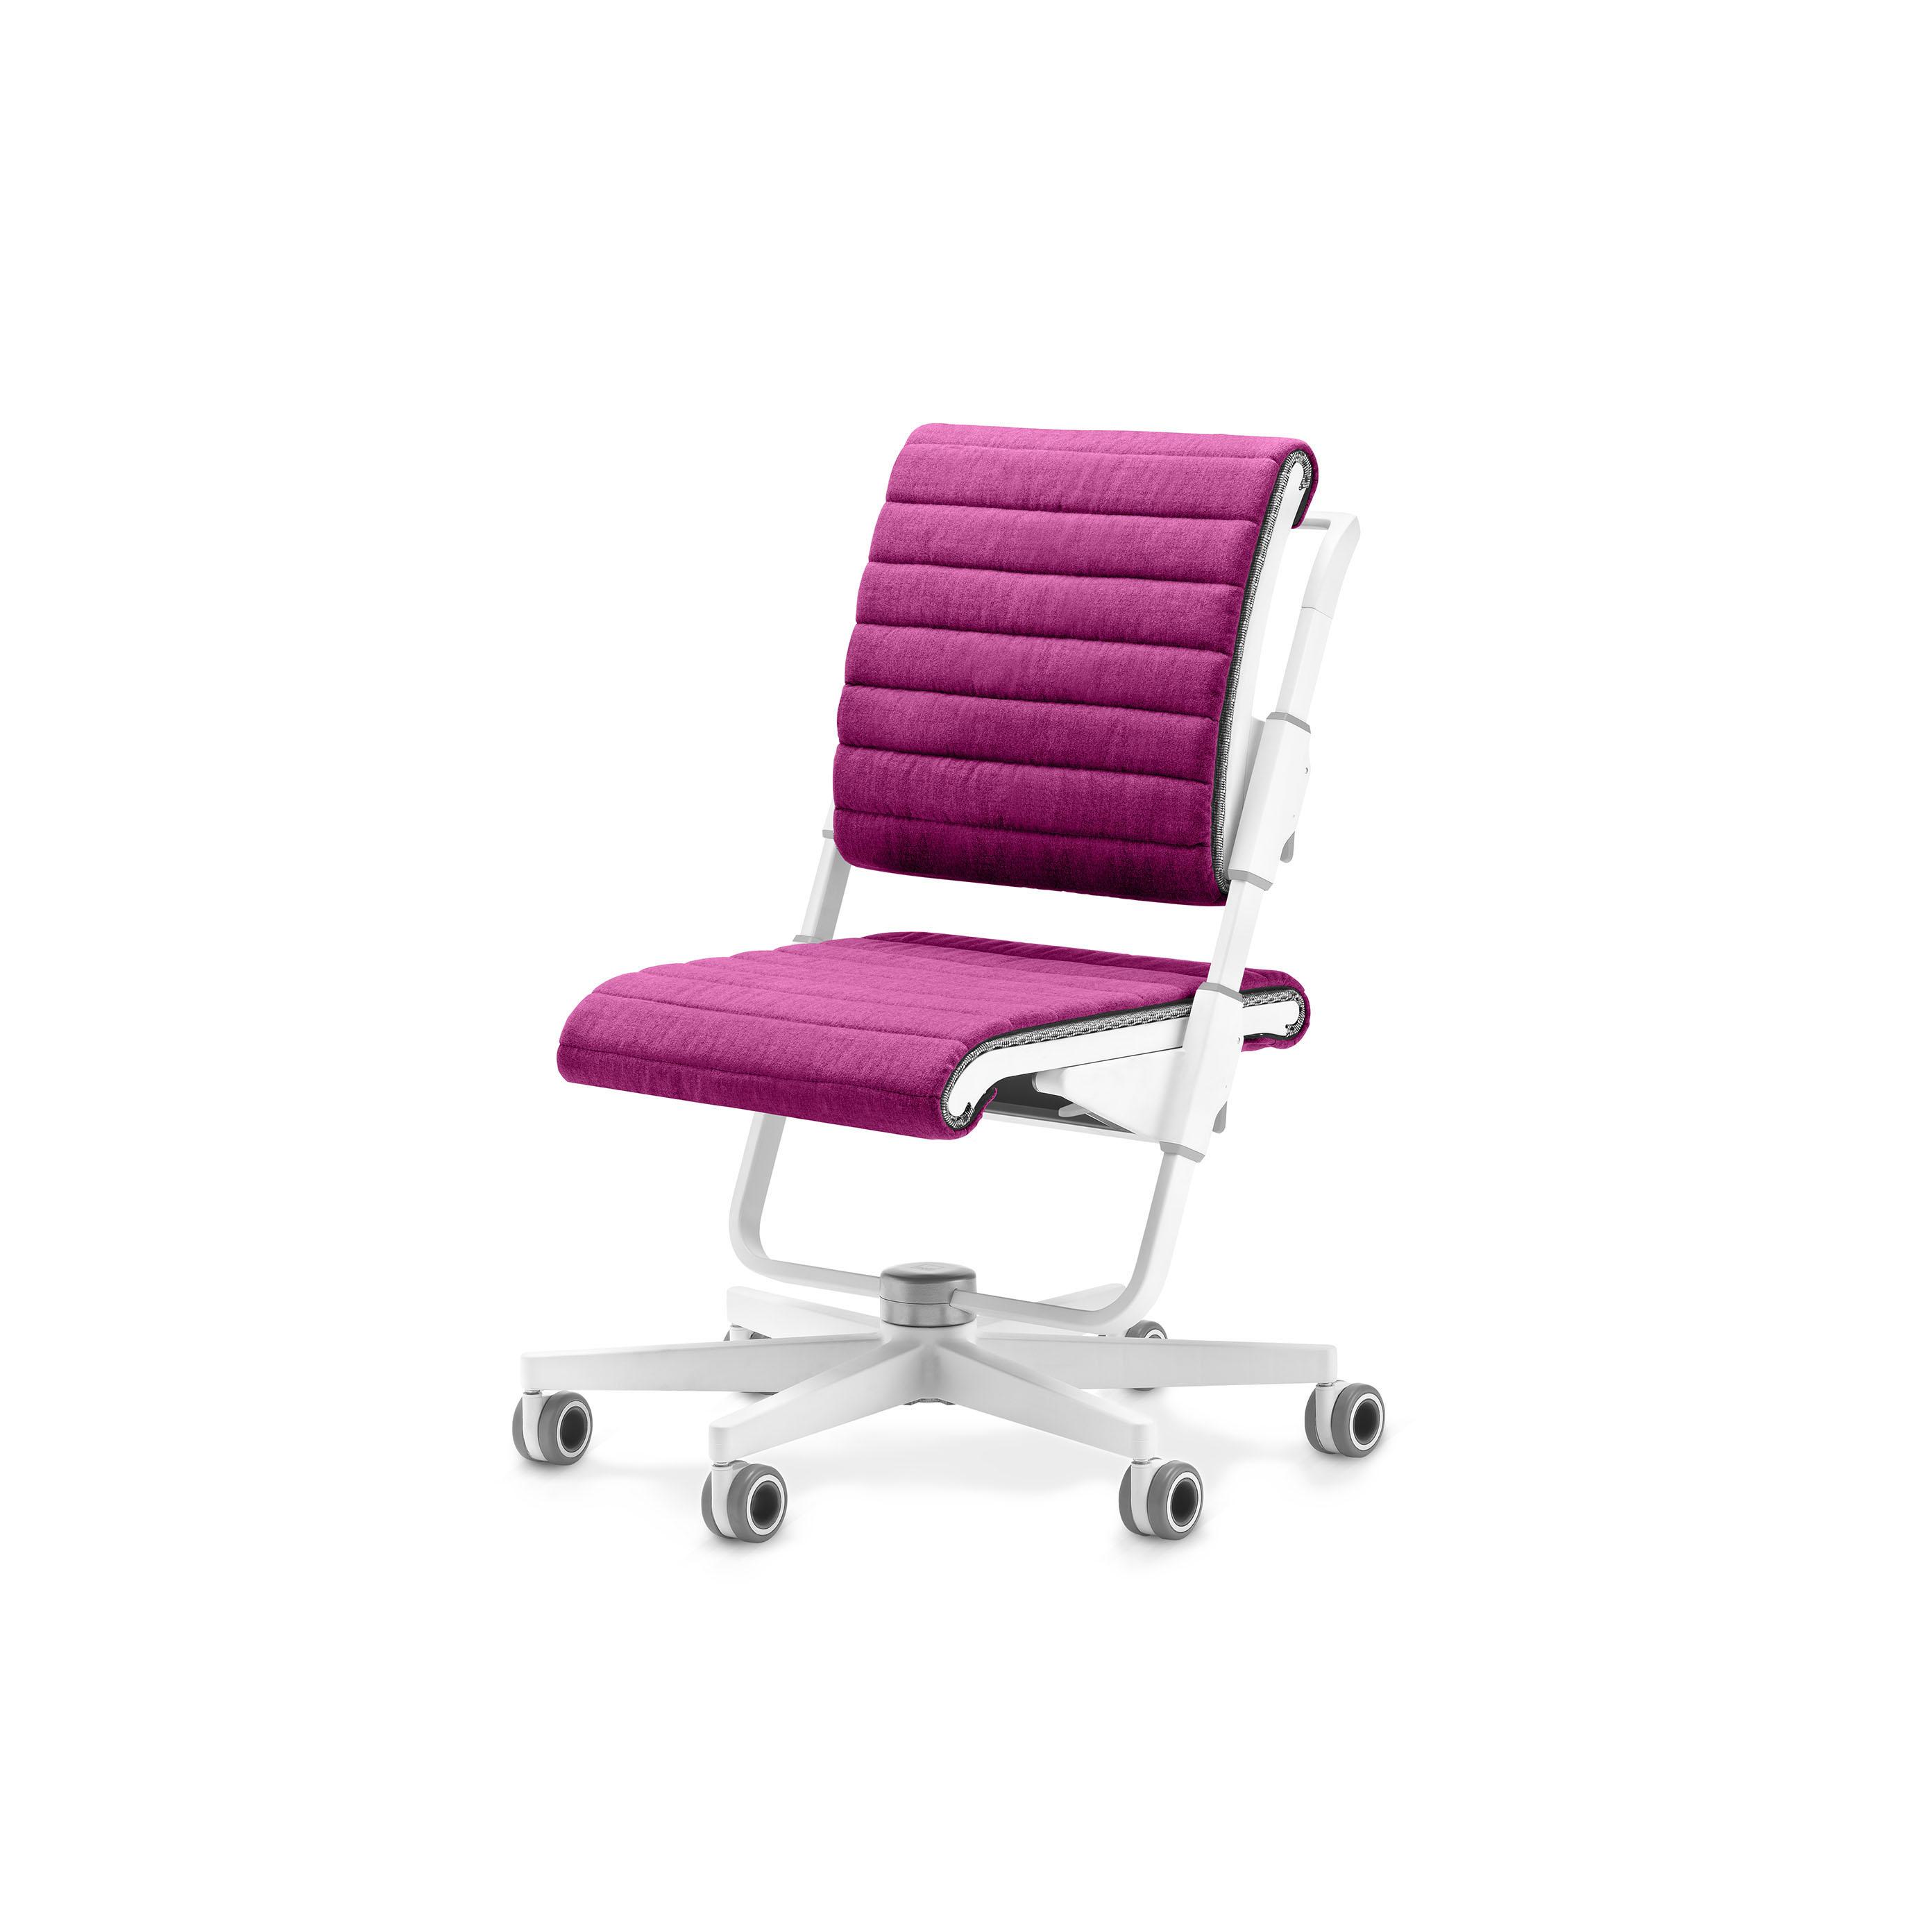 moll-unique-Drehstuhl-S6-Polster-pink-ergonomischer-Netzstuhl-Drehstuhl-Schreibtischstuhl-Kopie1